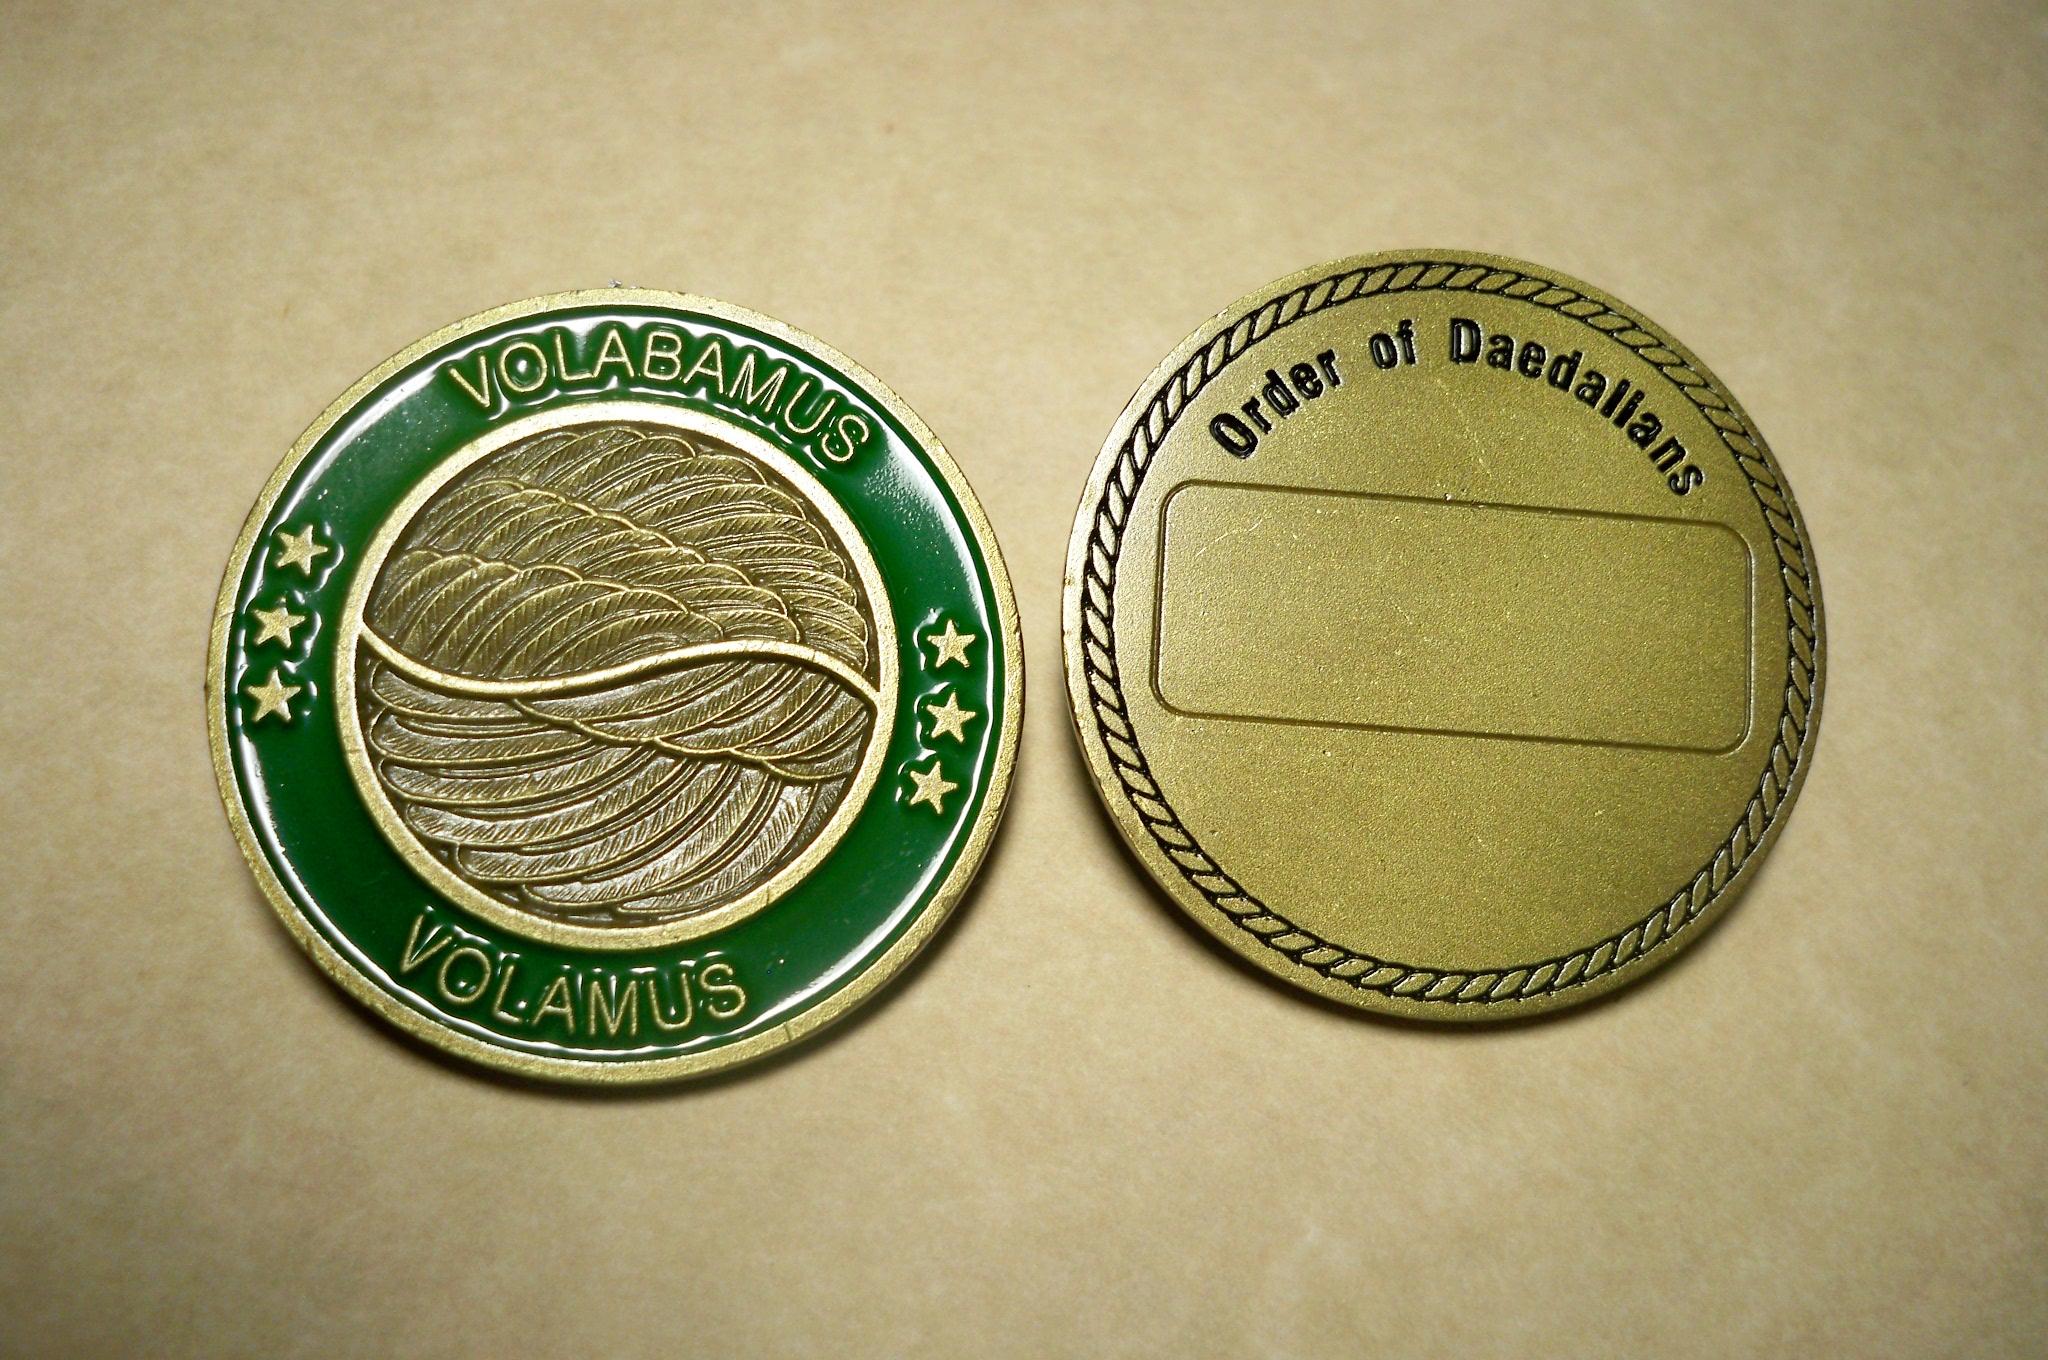 Daedalian Coins